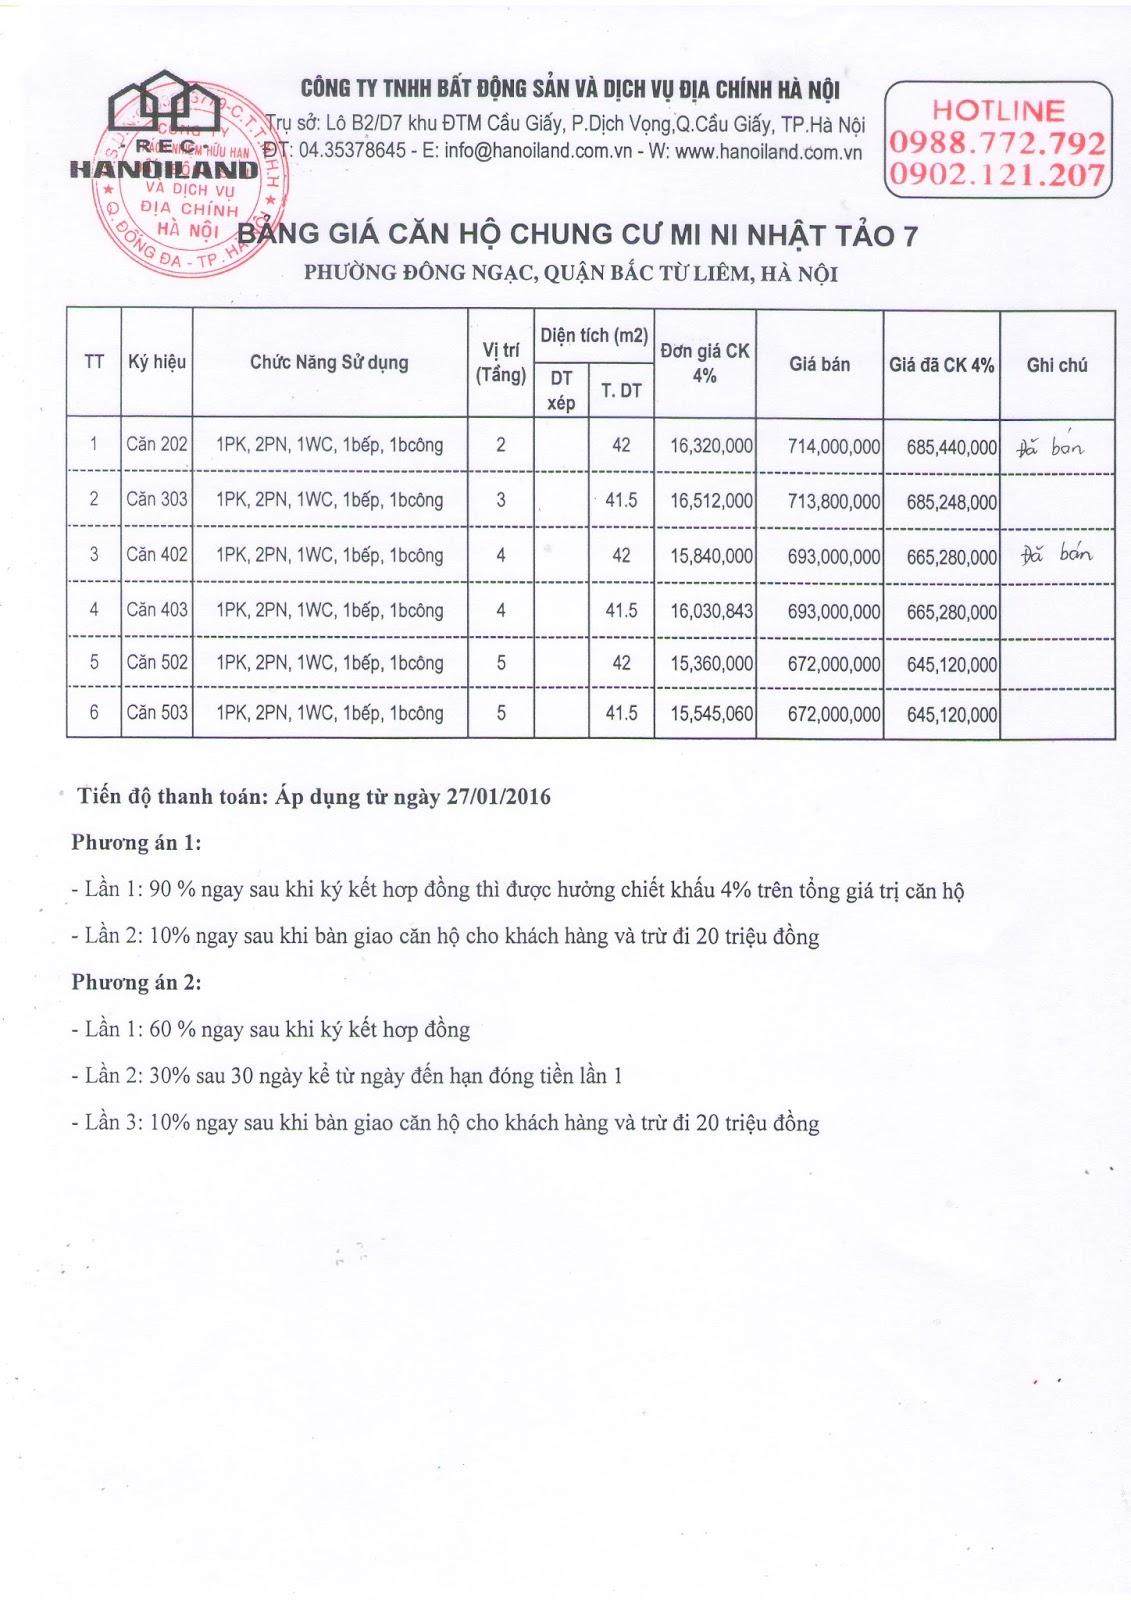 Bảng giá chi tiết các căn hộ còn lại của chung cư mini Nhật Tảo 7